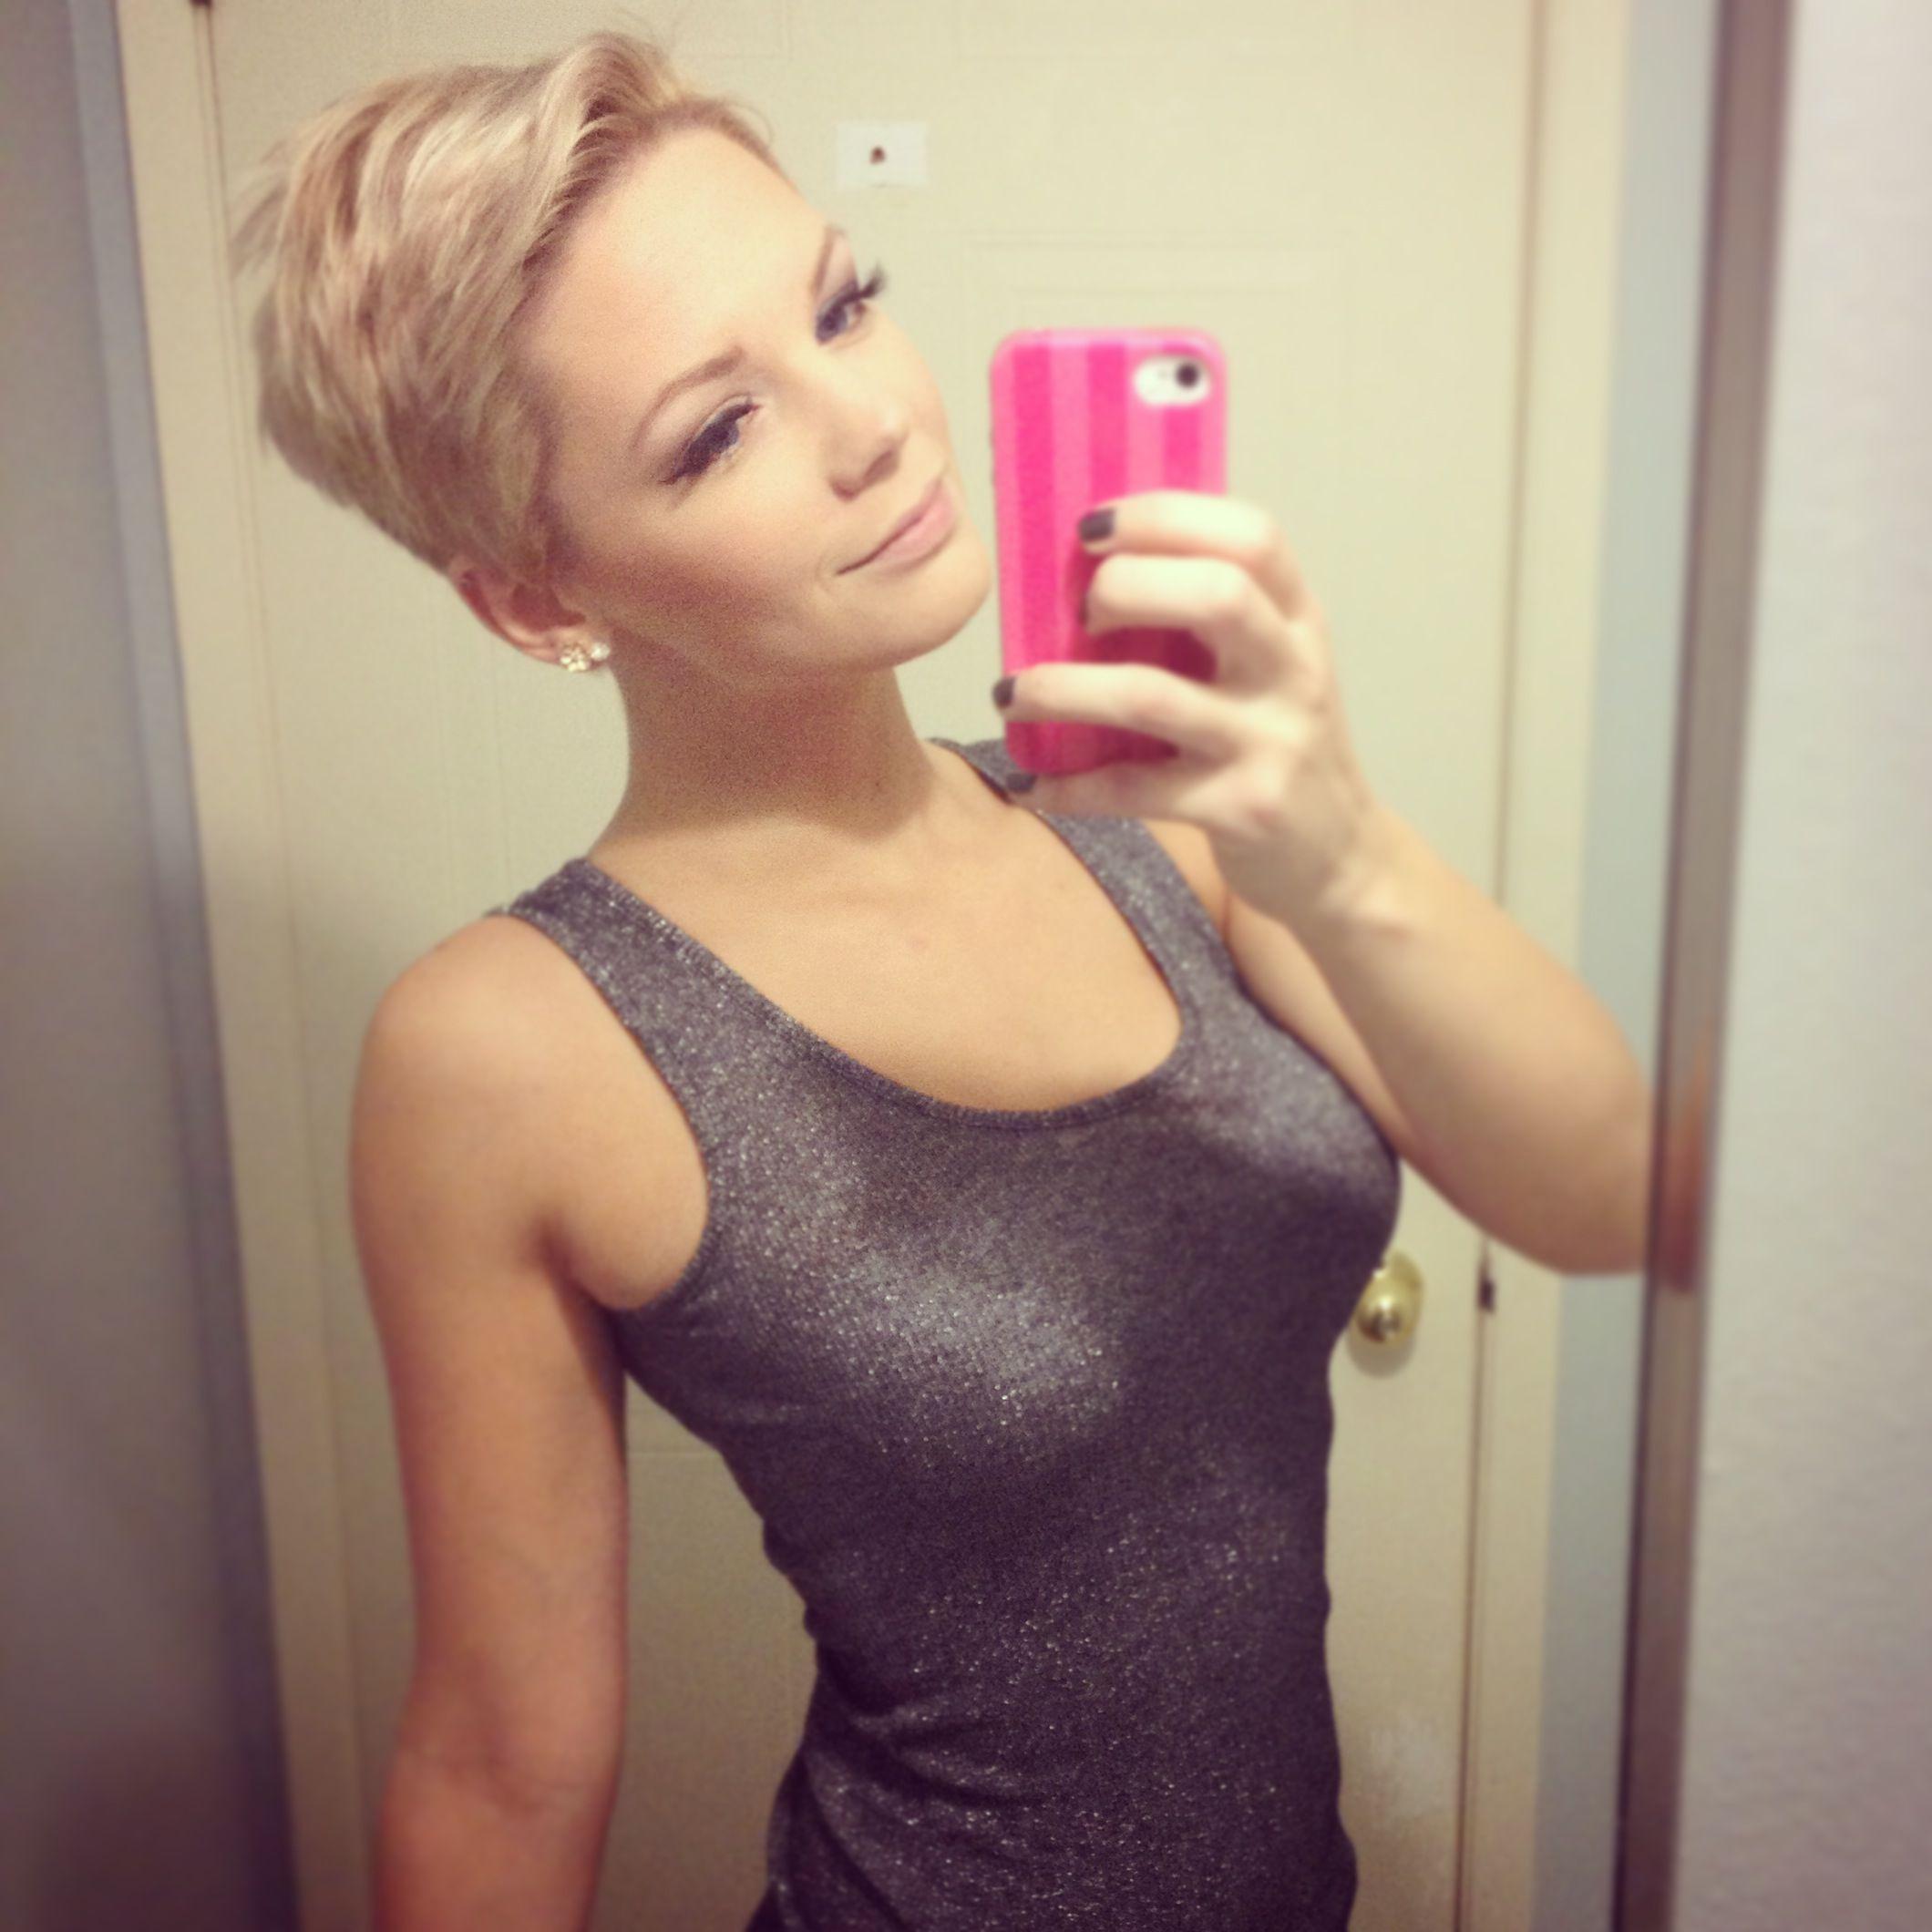 Beige Blonde Platinum Pixie Short Hair Short Hairstyles